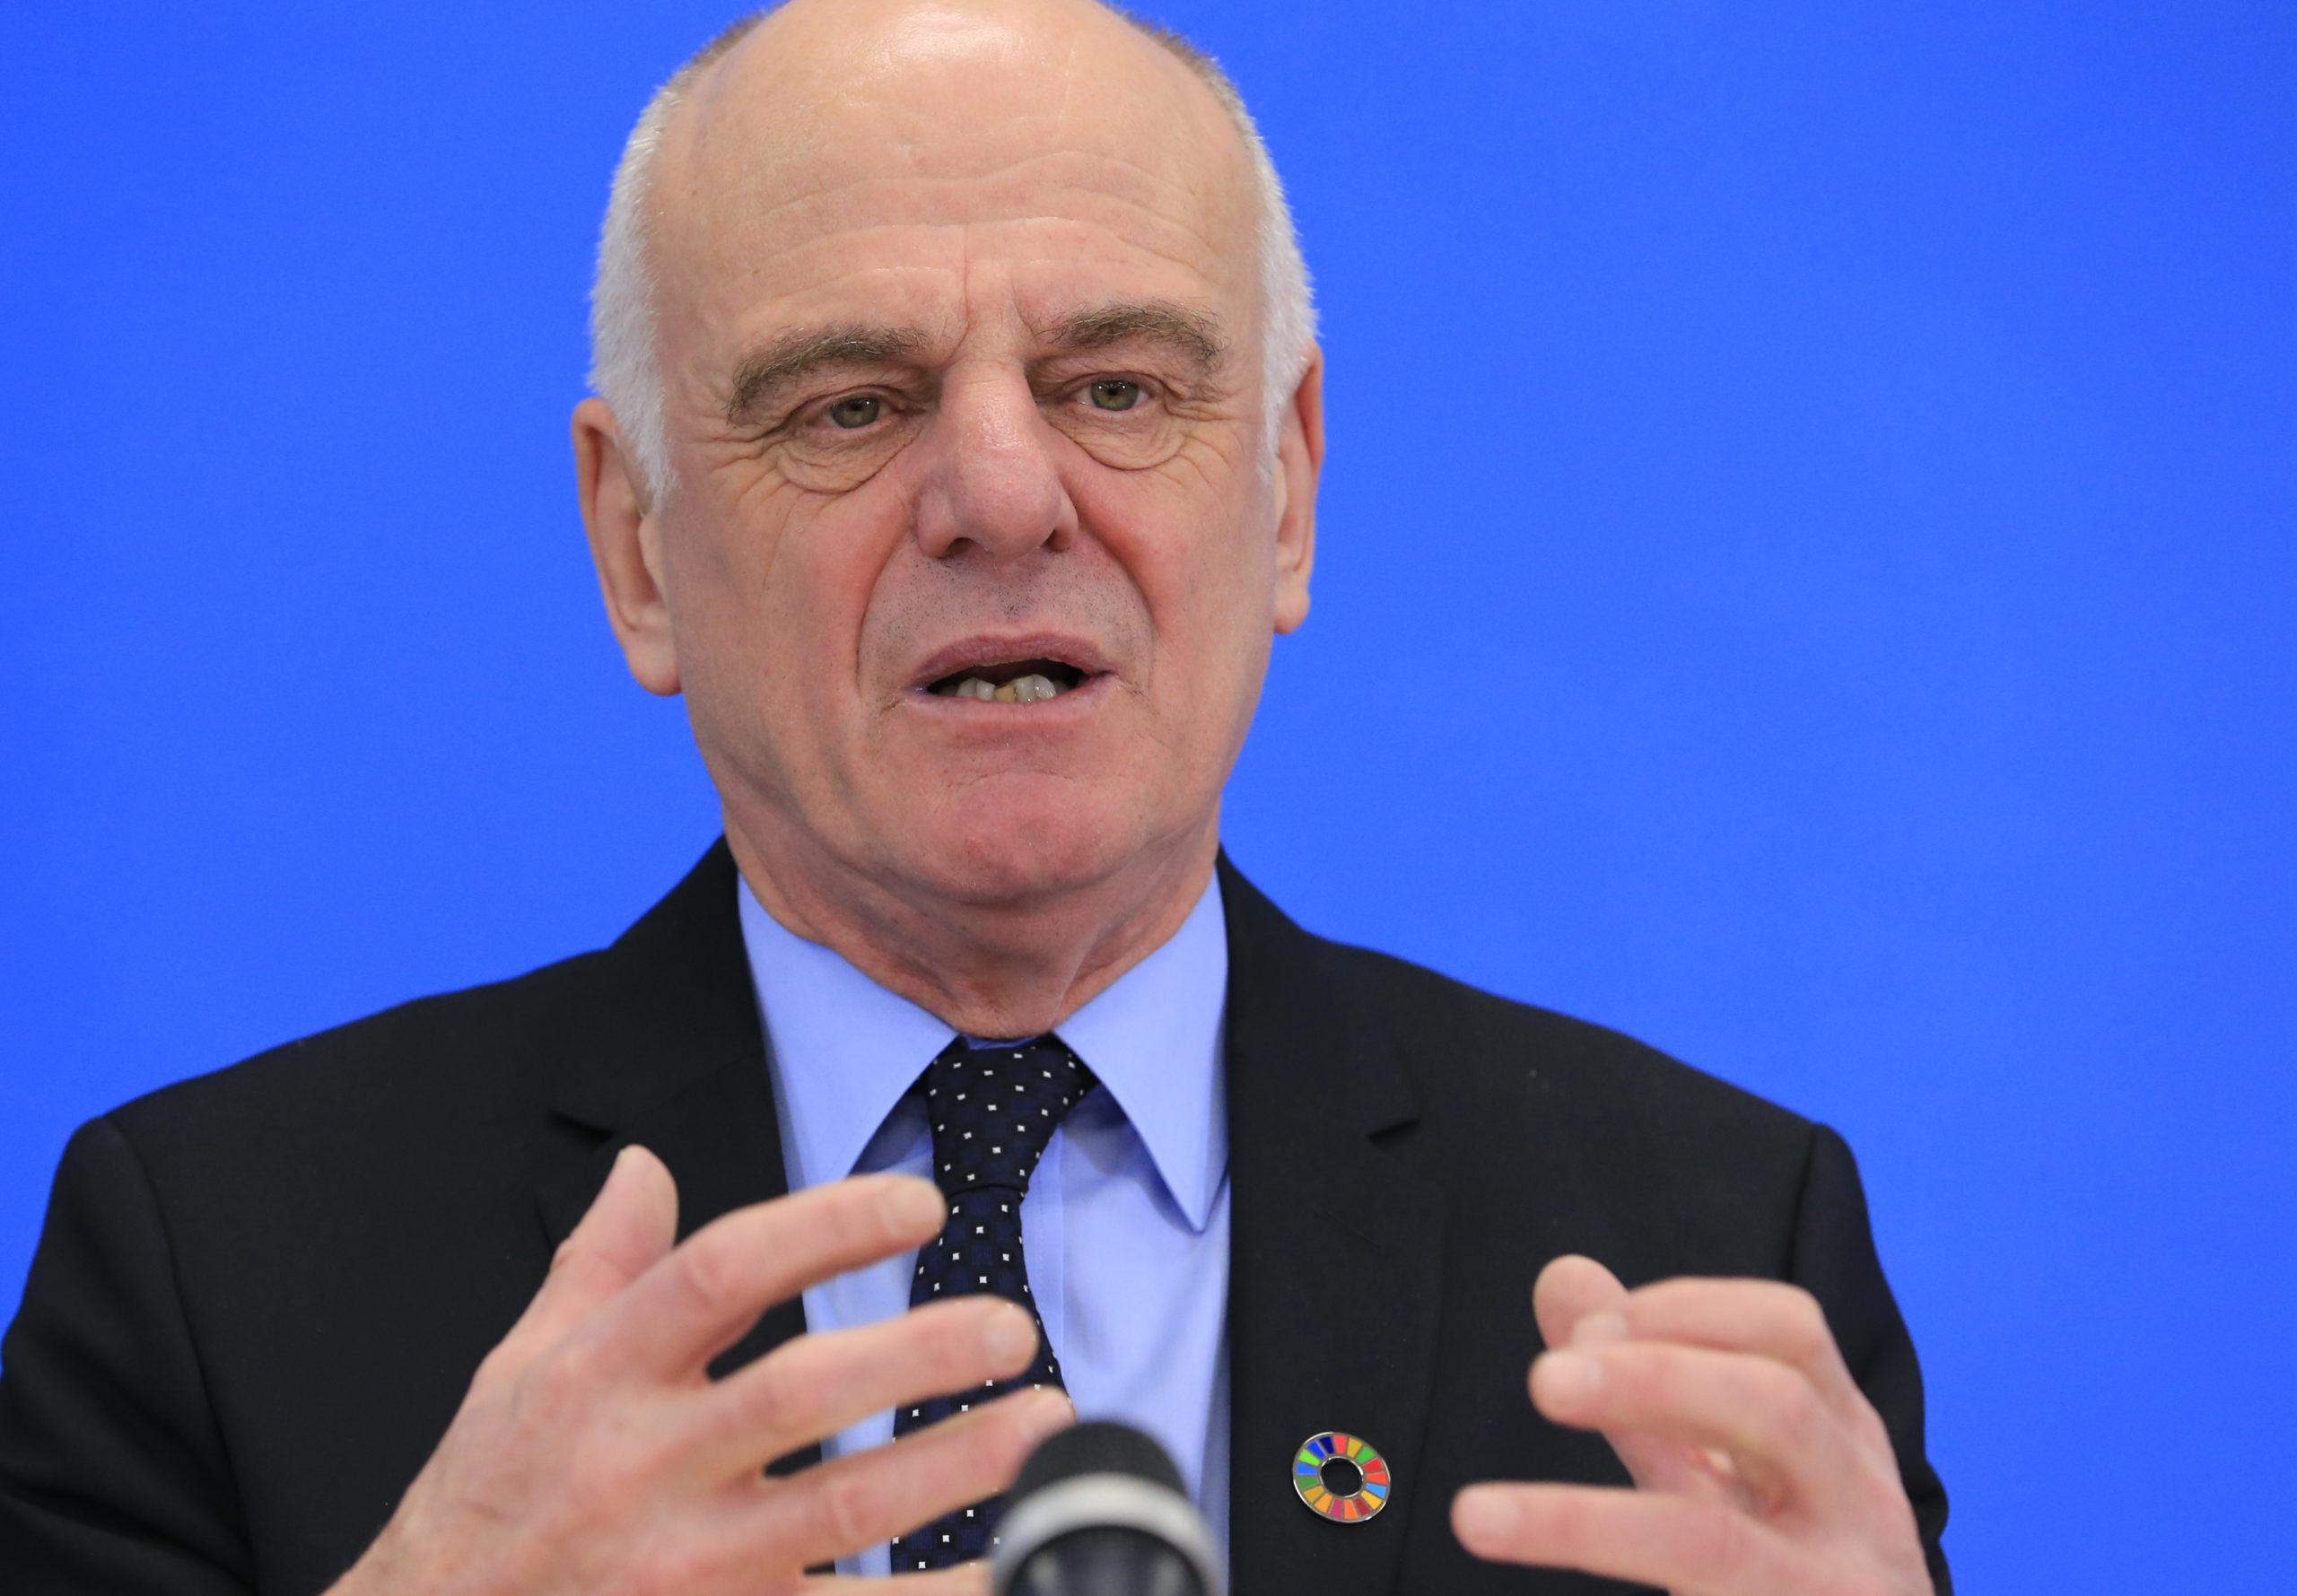 Un responsable de l'OMS redoute une troisième vague épidémique début 2021 en Europe